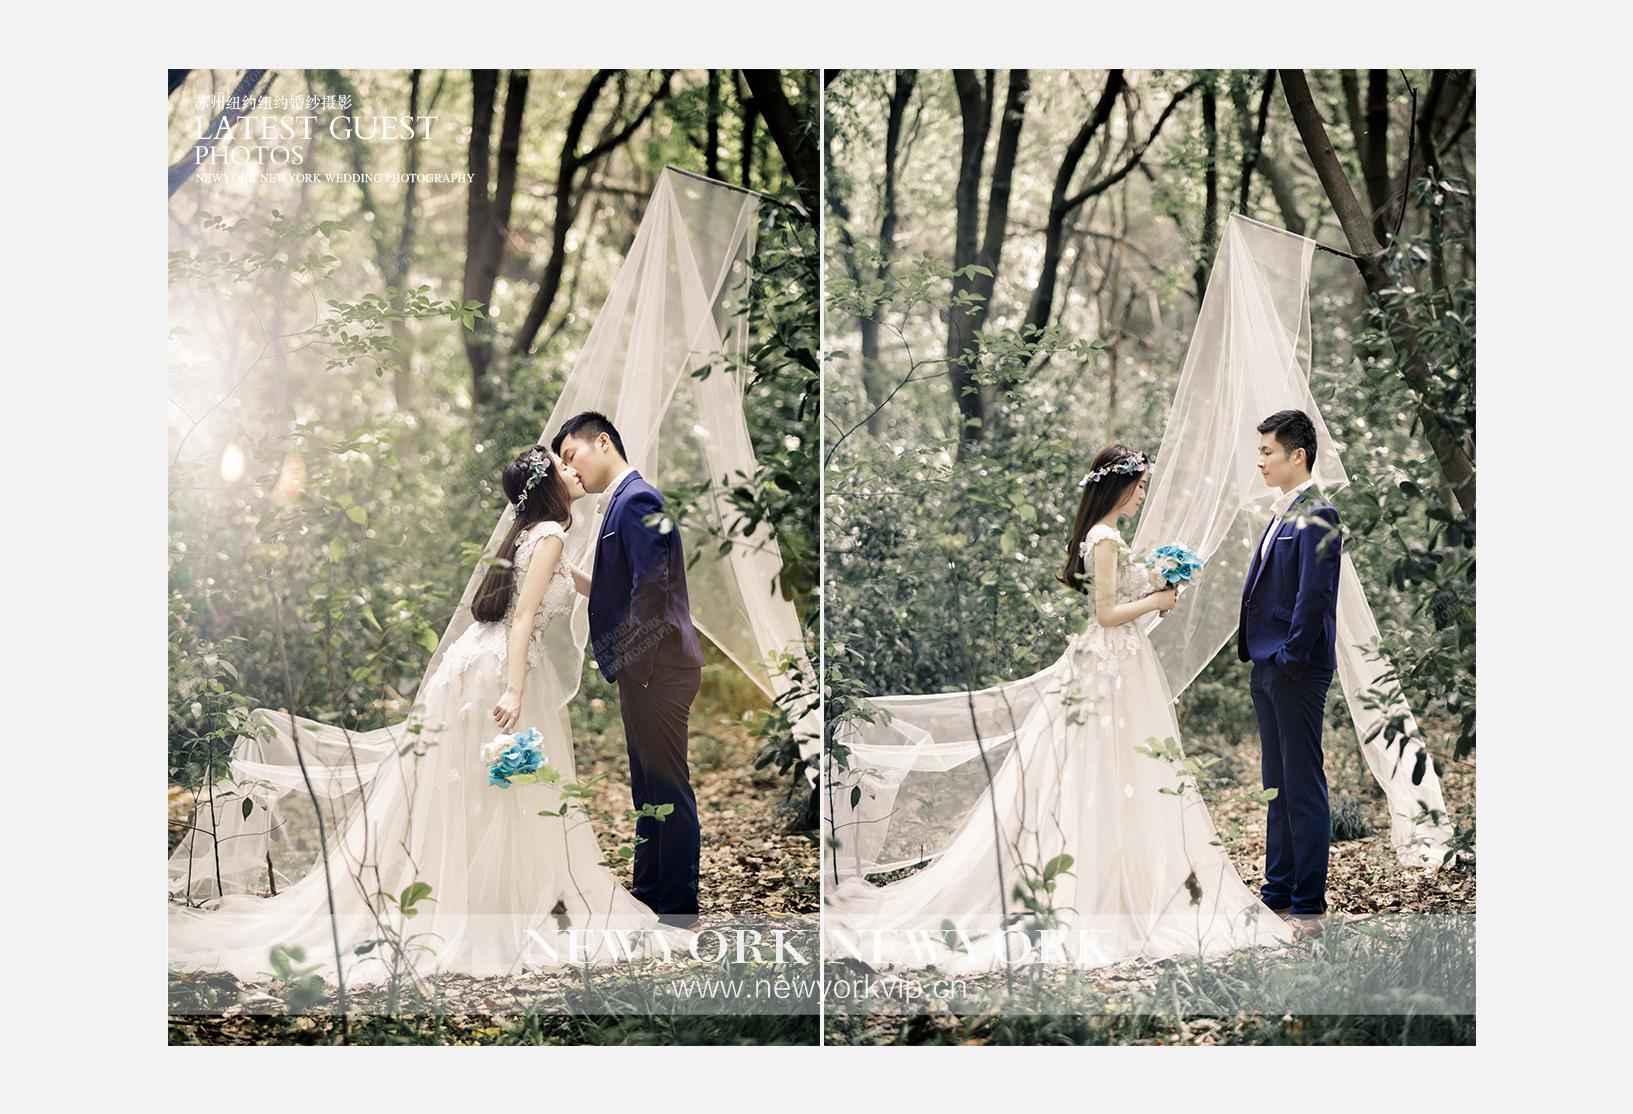 Mr.凌 & Ms.朱(纽约VIP尊荣馆)婚纱摄影照